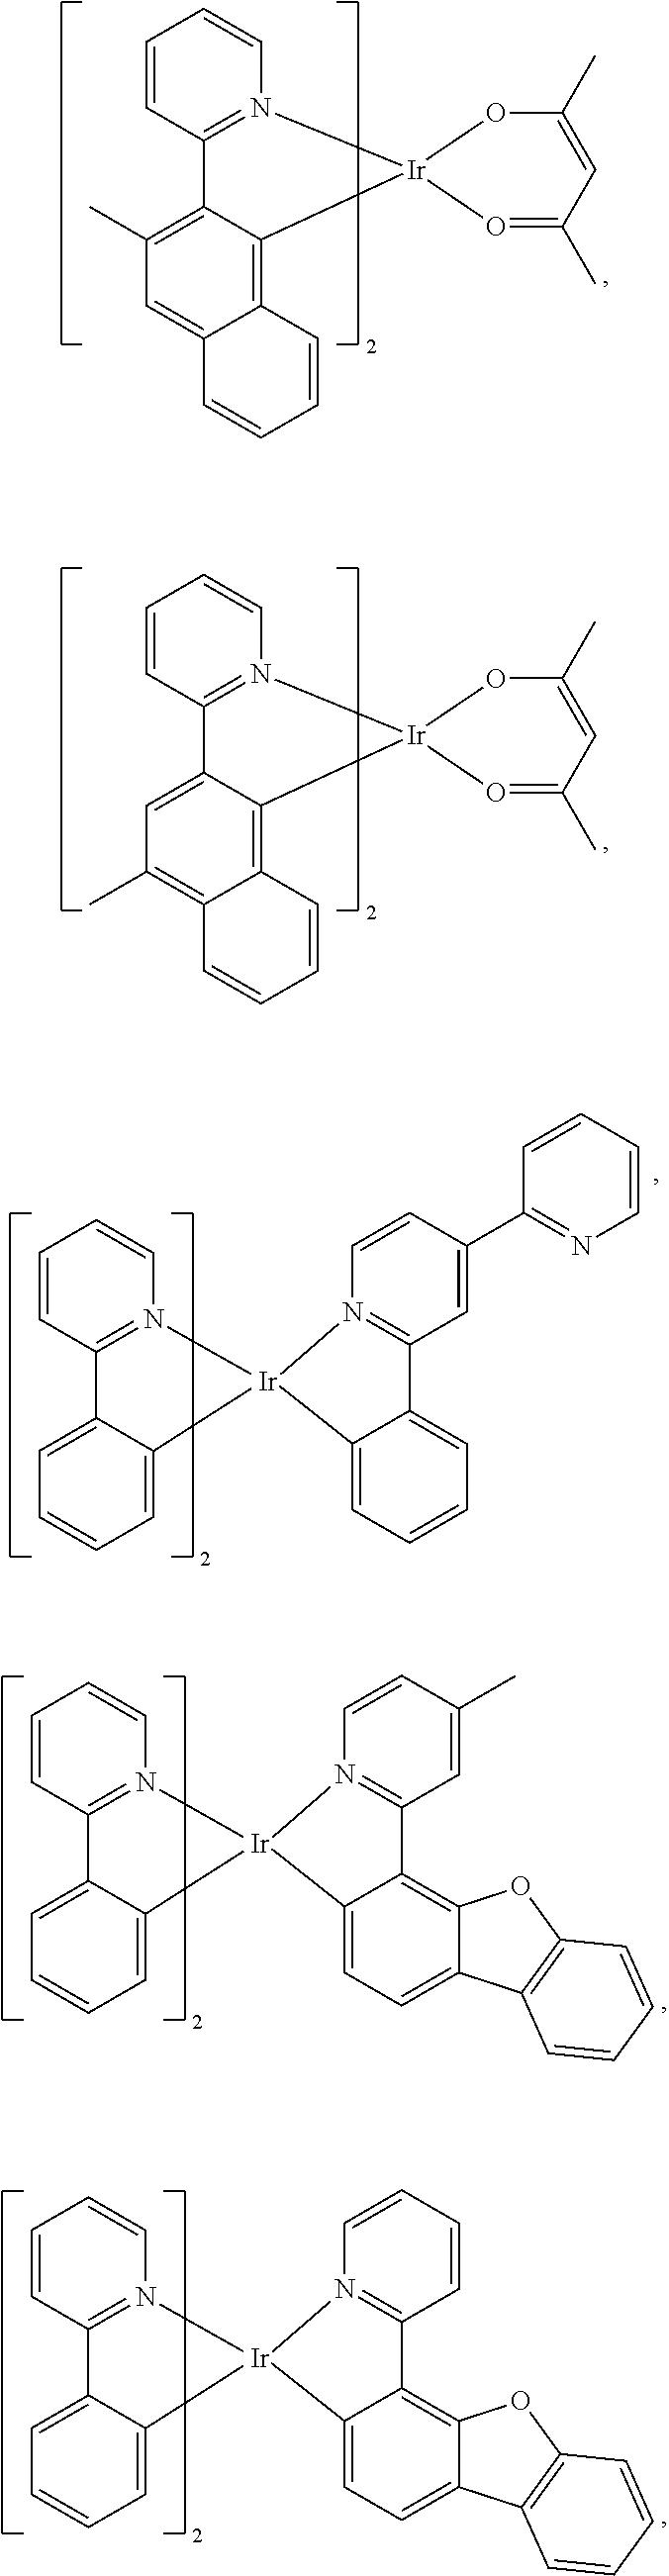 Figure US09859510-20180102-C00085